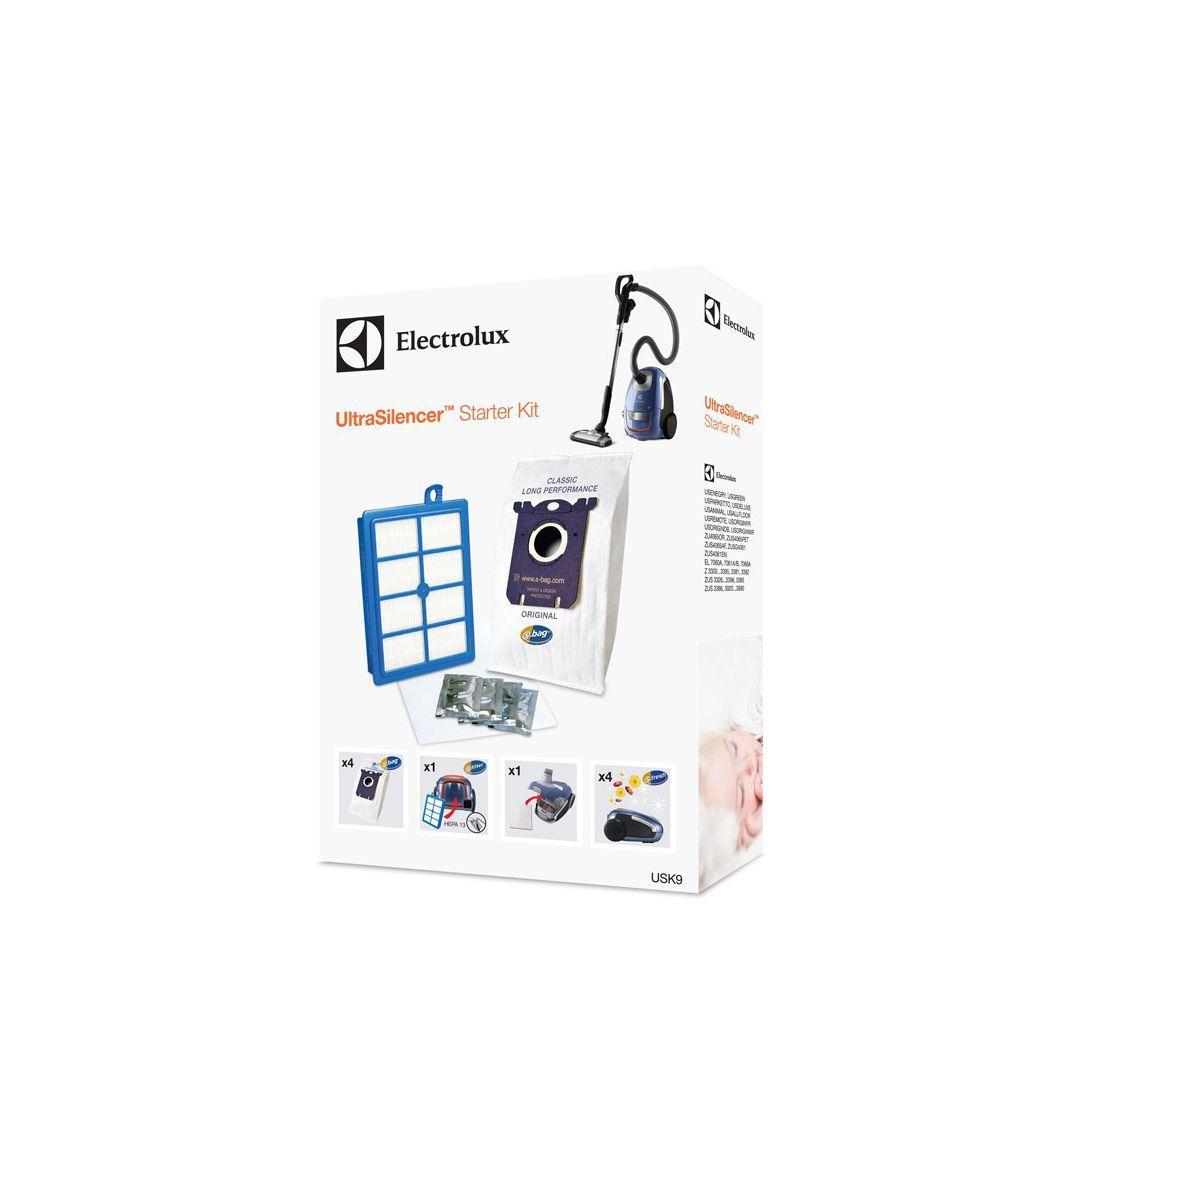 Sac aspirateur ELECTROLUX USK9 Starter Kit pour Ultrasilencer